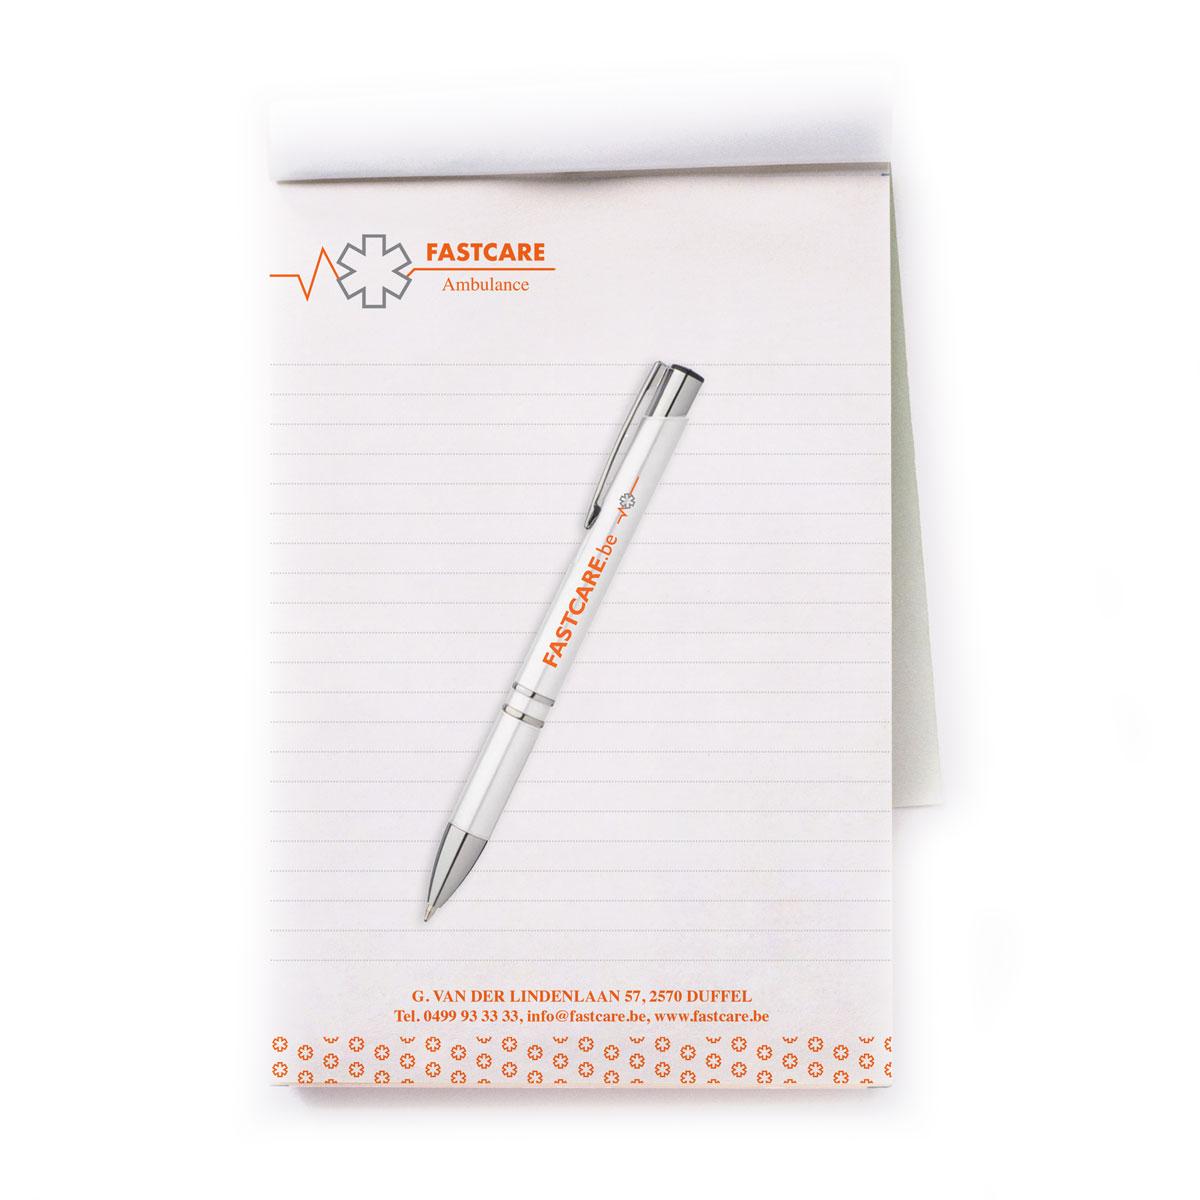 Mioo Design - Fastcare ontwerp notitieboek en balpennen - Brandbook - Creatief reclamebureau Roeselare & Communicatiebureau Roeselare - Grafisch ontwerp - Freelancer - West-Vlaanderen - Brugge - Kortrijk